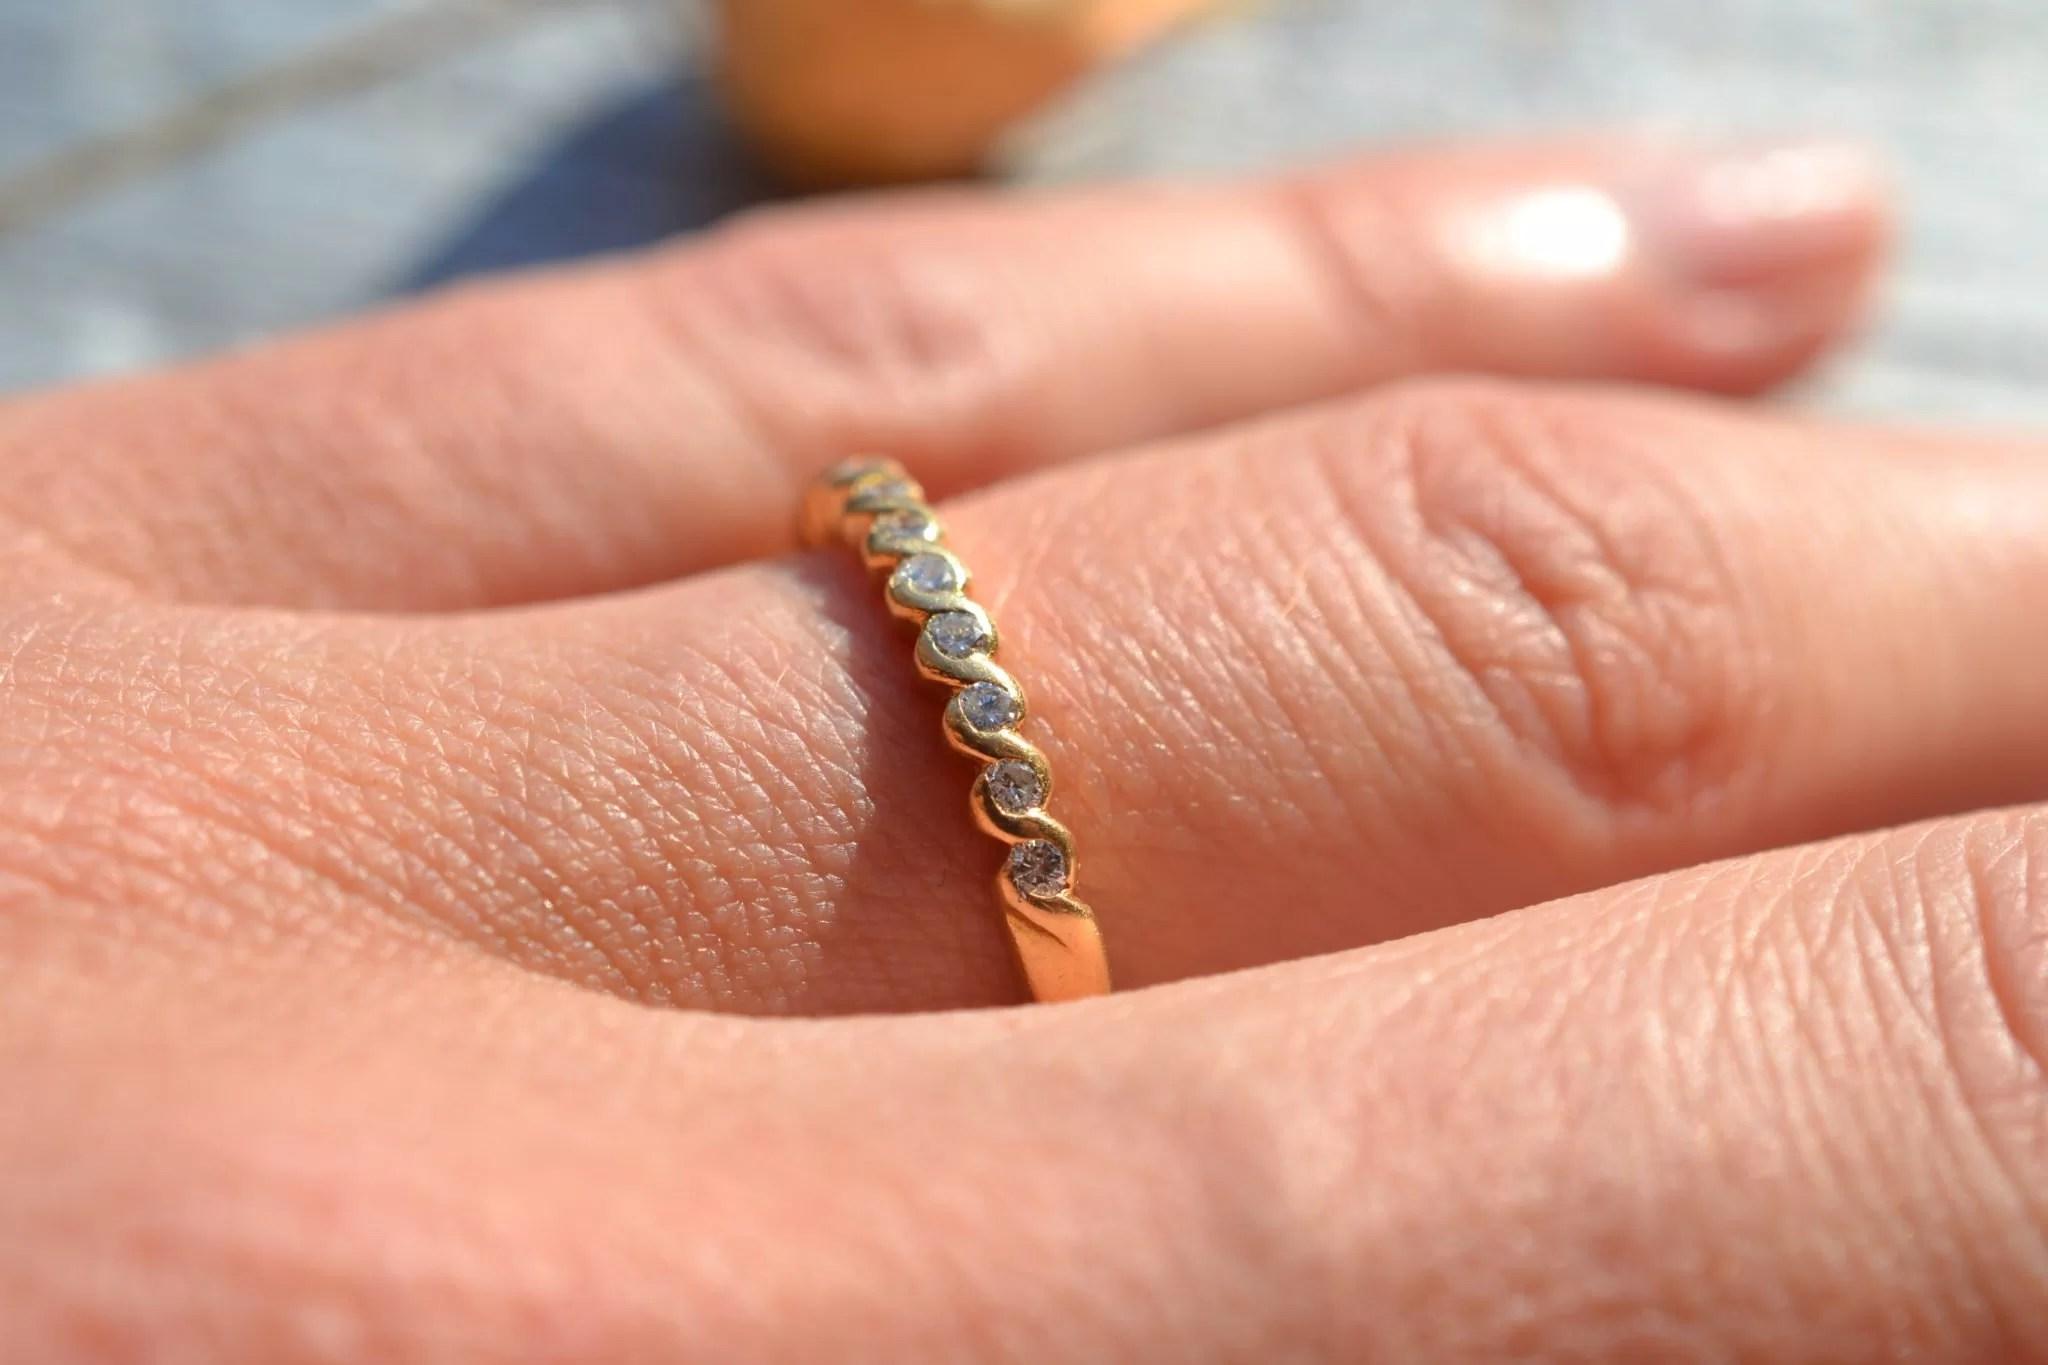 bague ancienne demi alliance américaine en Or jaune 18 carats et diamants - bijou ancien mariage seconde main